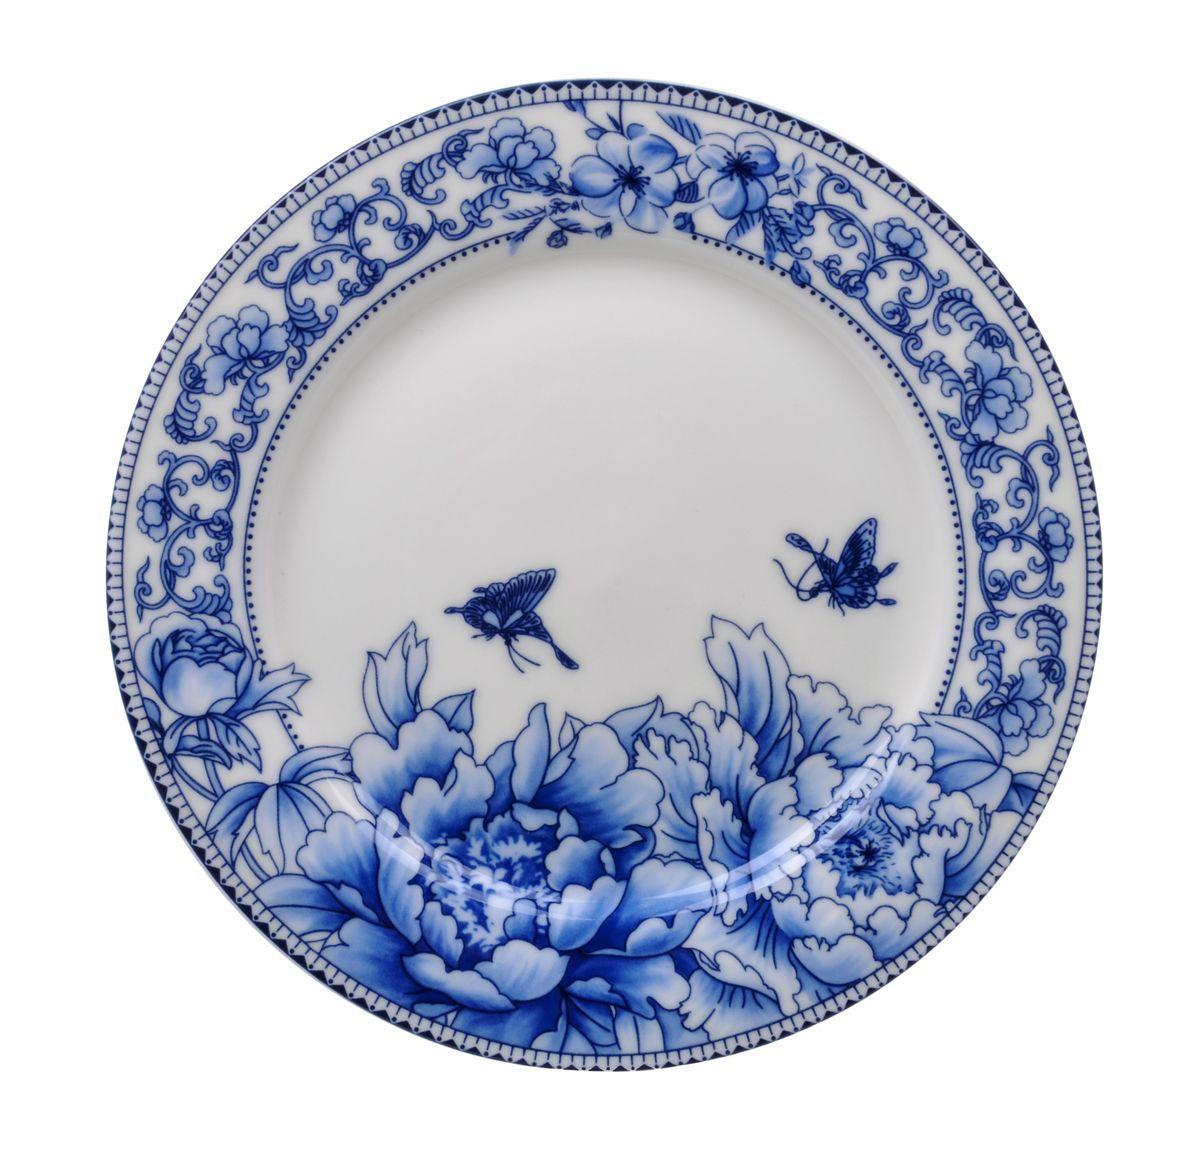 Тарелка десертная Nanshan Porcelain Наньшань, диаметр 19 смGNNSNN007Тарелка десертная Nanshan Porcelain Наньшань изготовлена из высококачественной керамики. Предназначена для красивой подачи различных блюд. Изделие украшено ярким рисунком. Такая тарелка украсит сервировку стола и подчеркнет прекрасный вкус хозяйки.Можно мыть в посудомоечной машине и использовать в микроволновой печи. Диаметр: 19 см.Высота: 1,5 см.